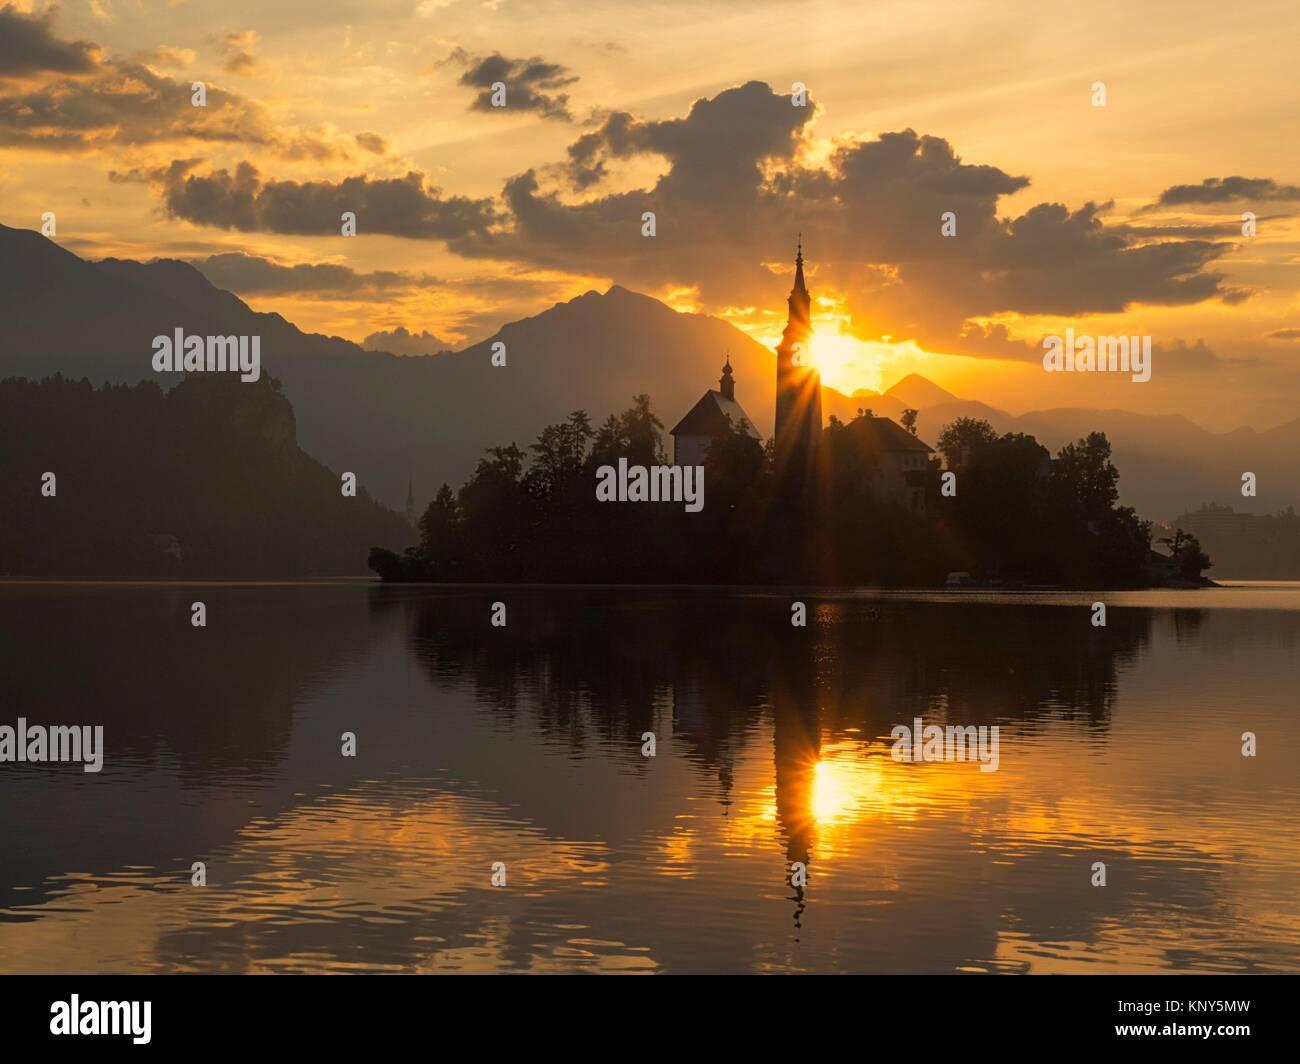 Slovenia Lake Bled Island Sunrise Starburst. - Stock Image